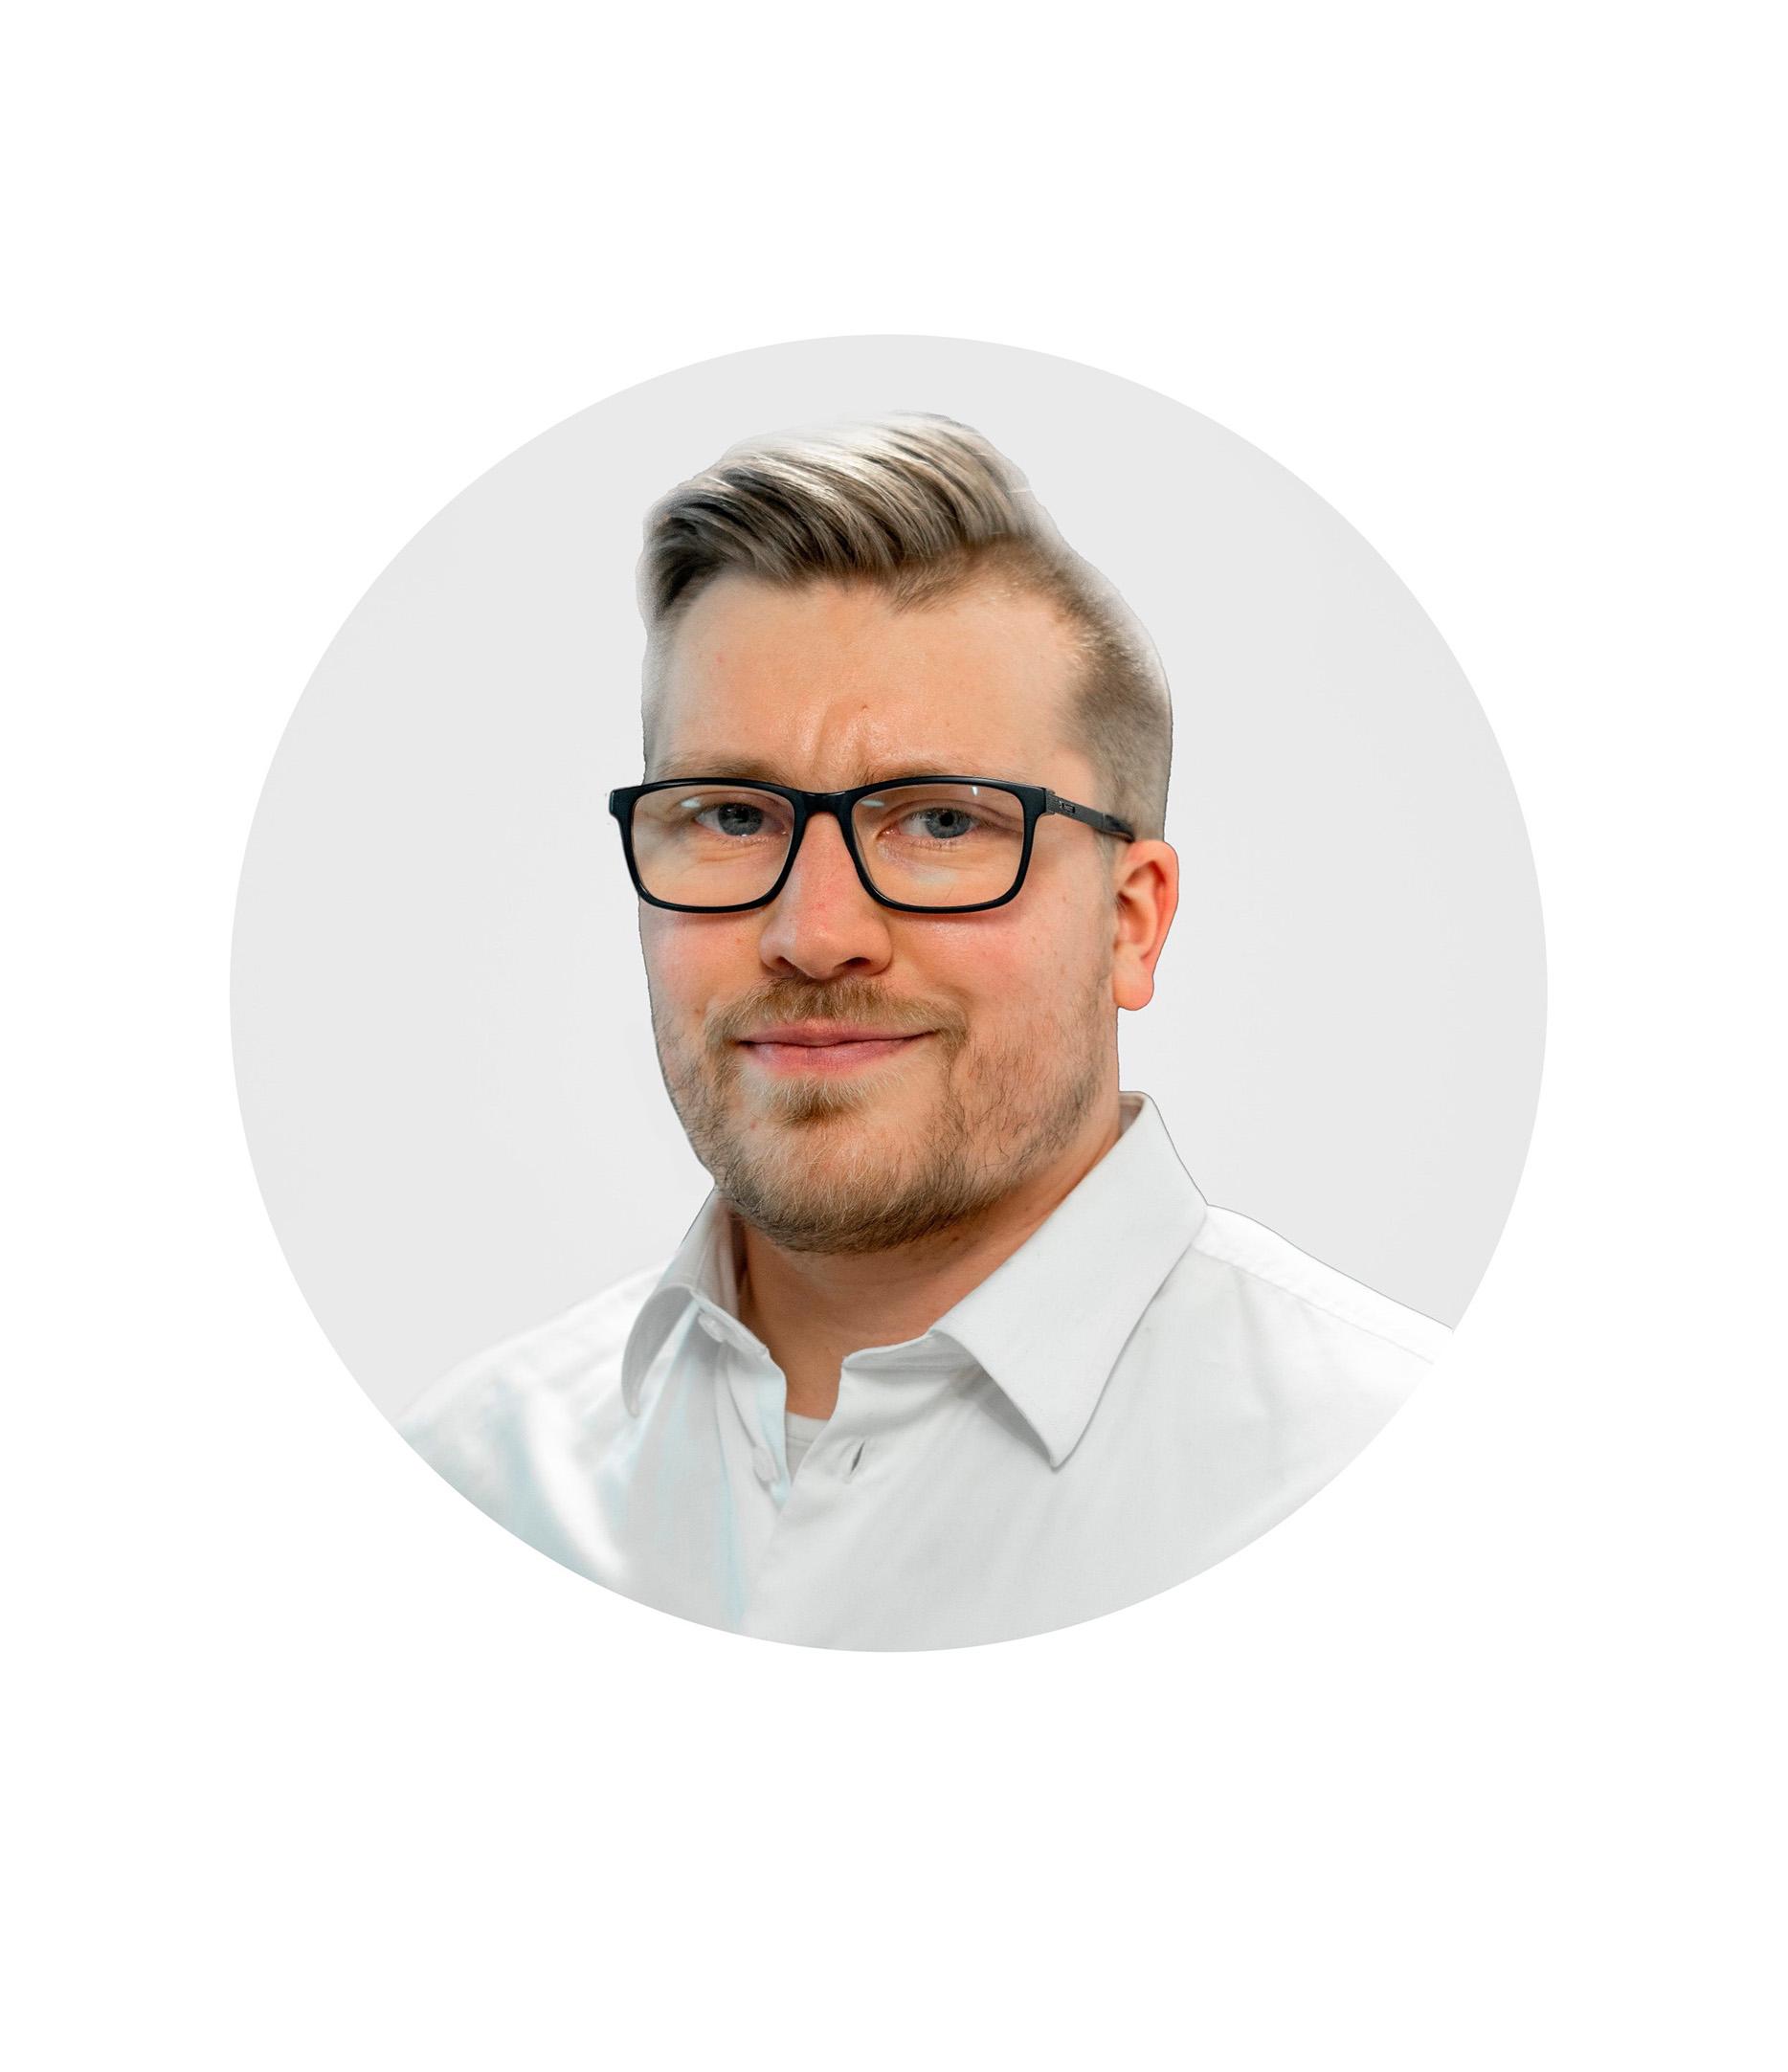 Sami_Tolonen_3